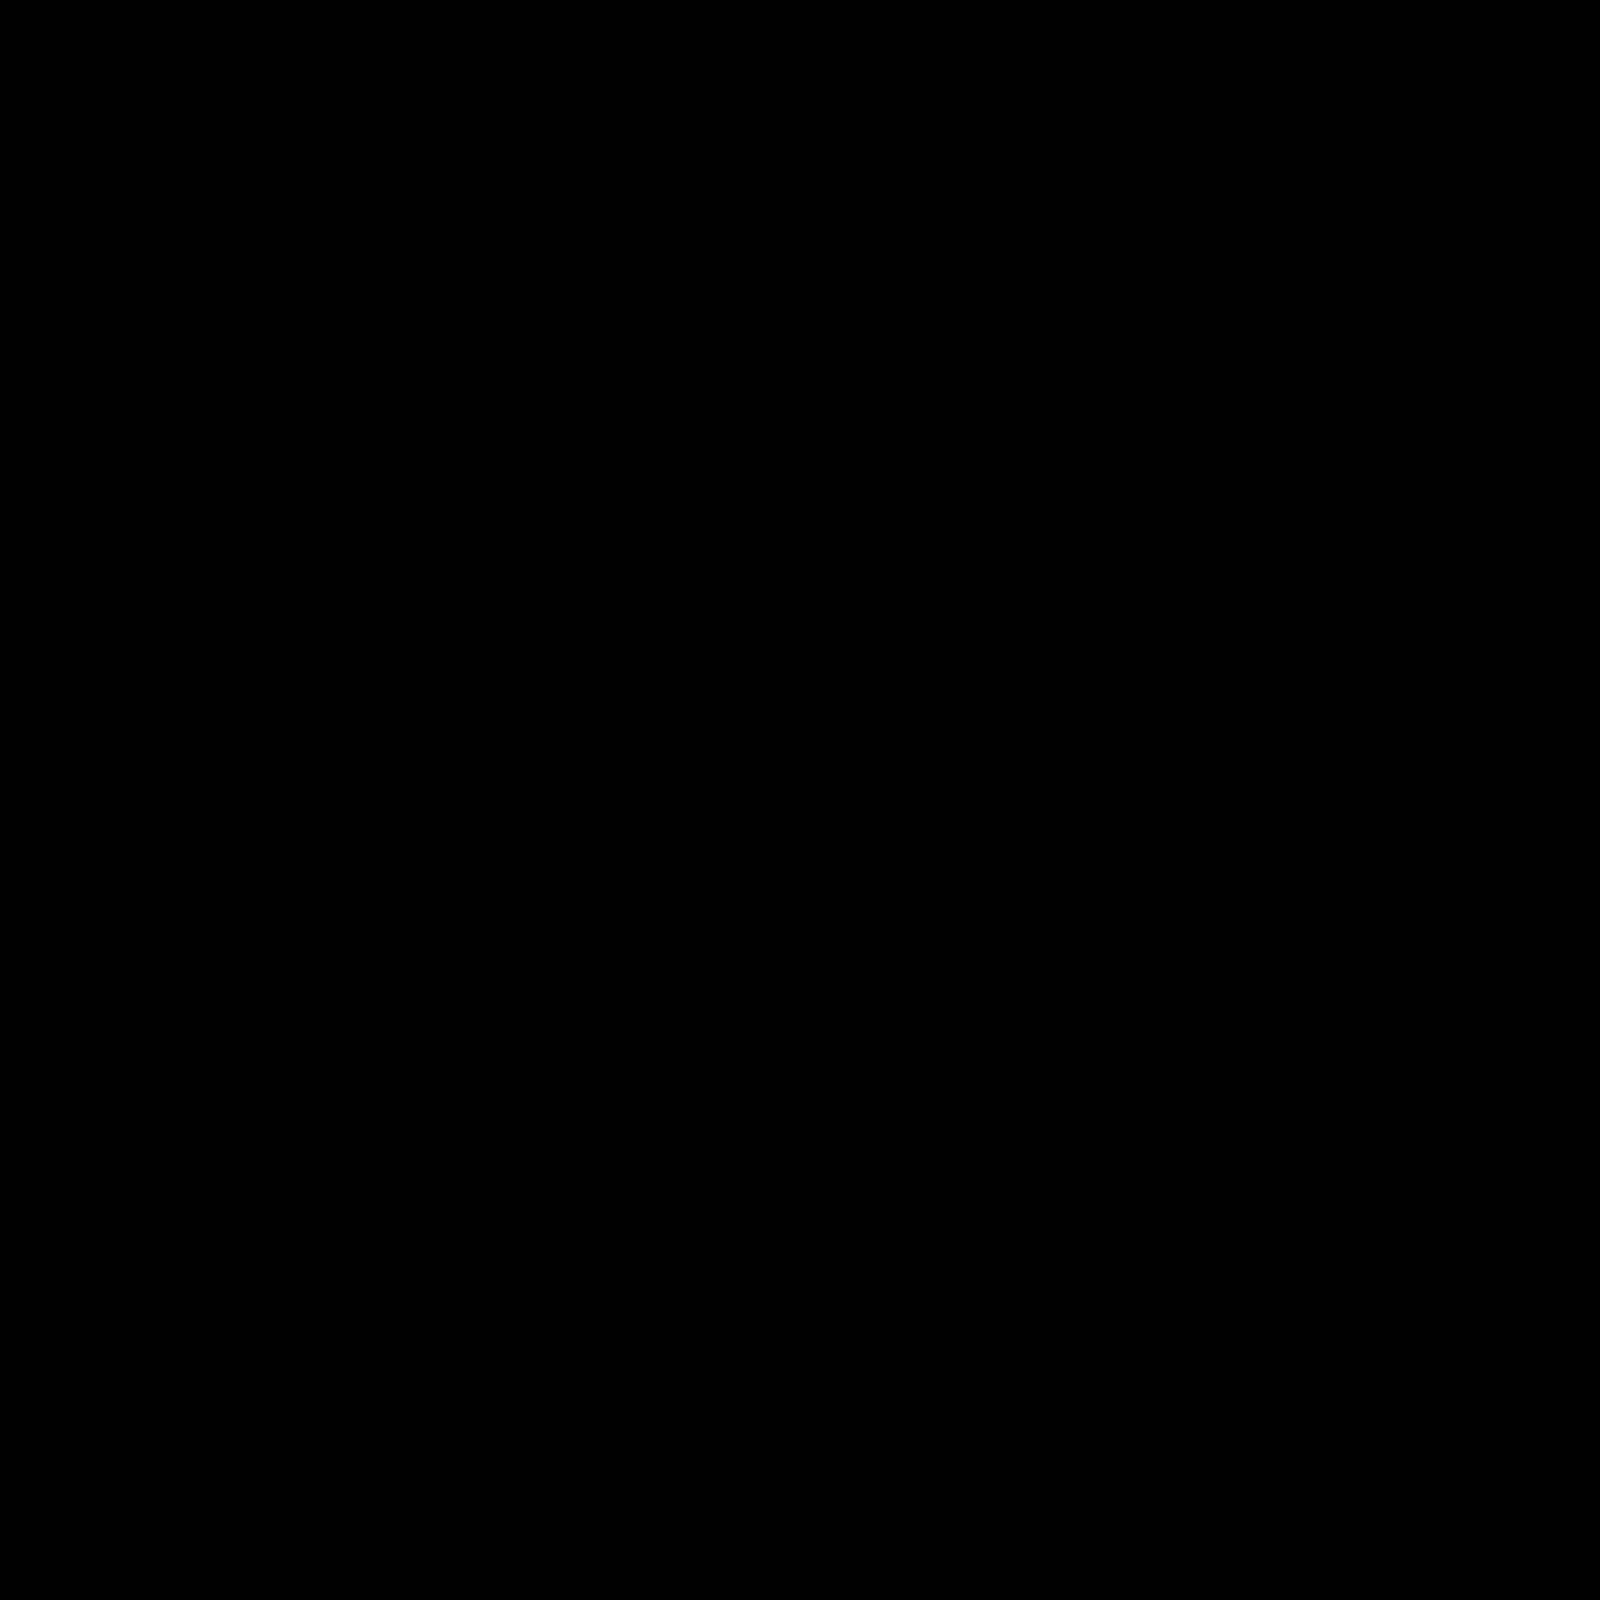 wymiana kart icon